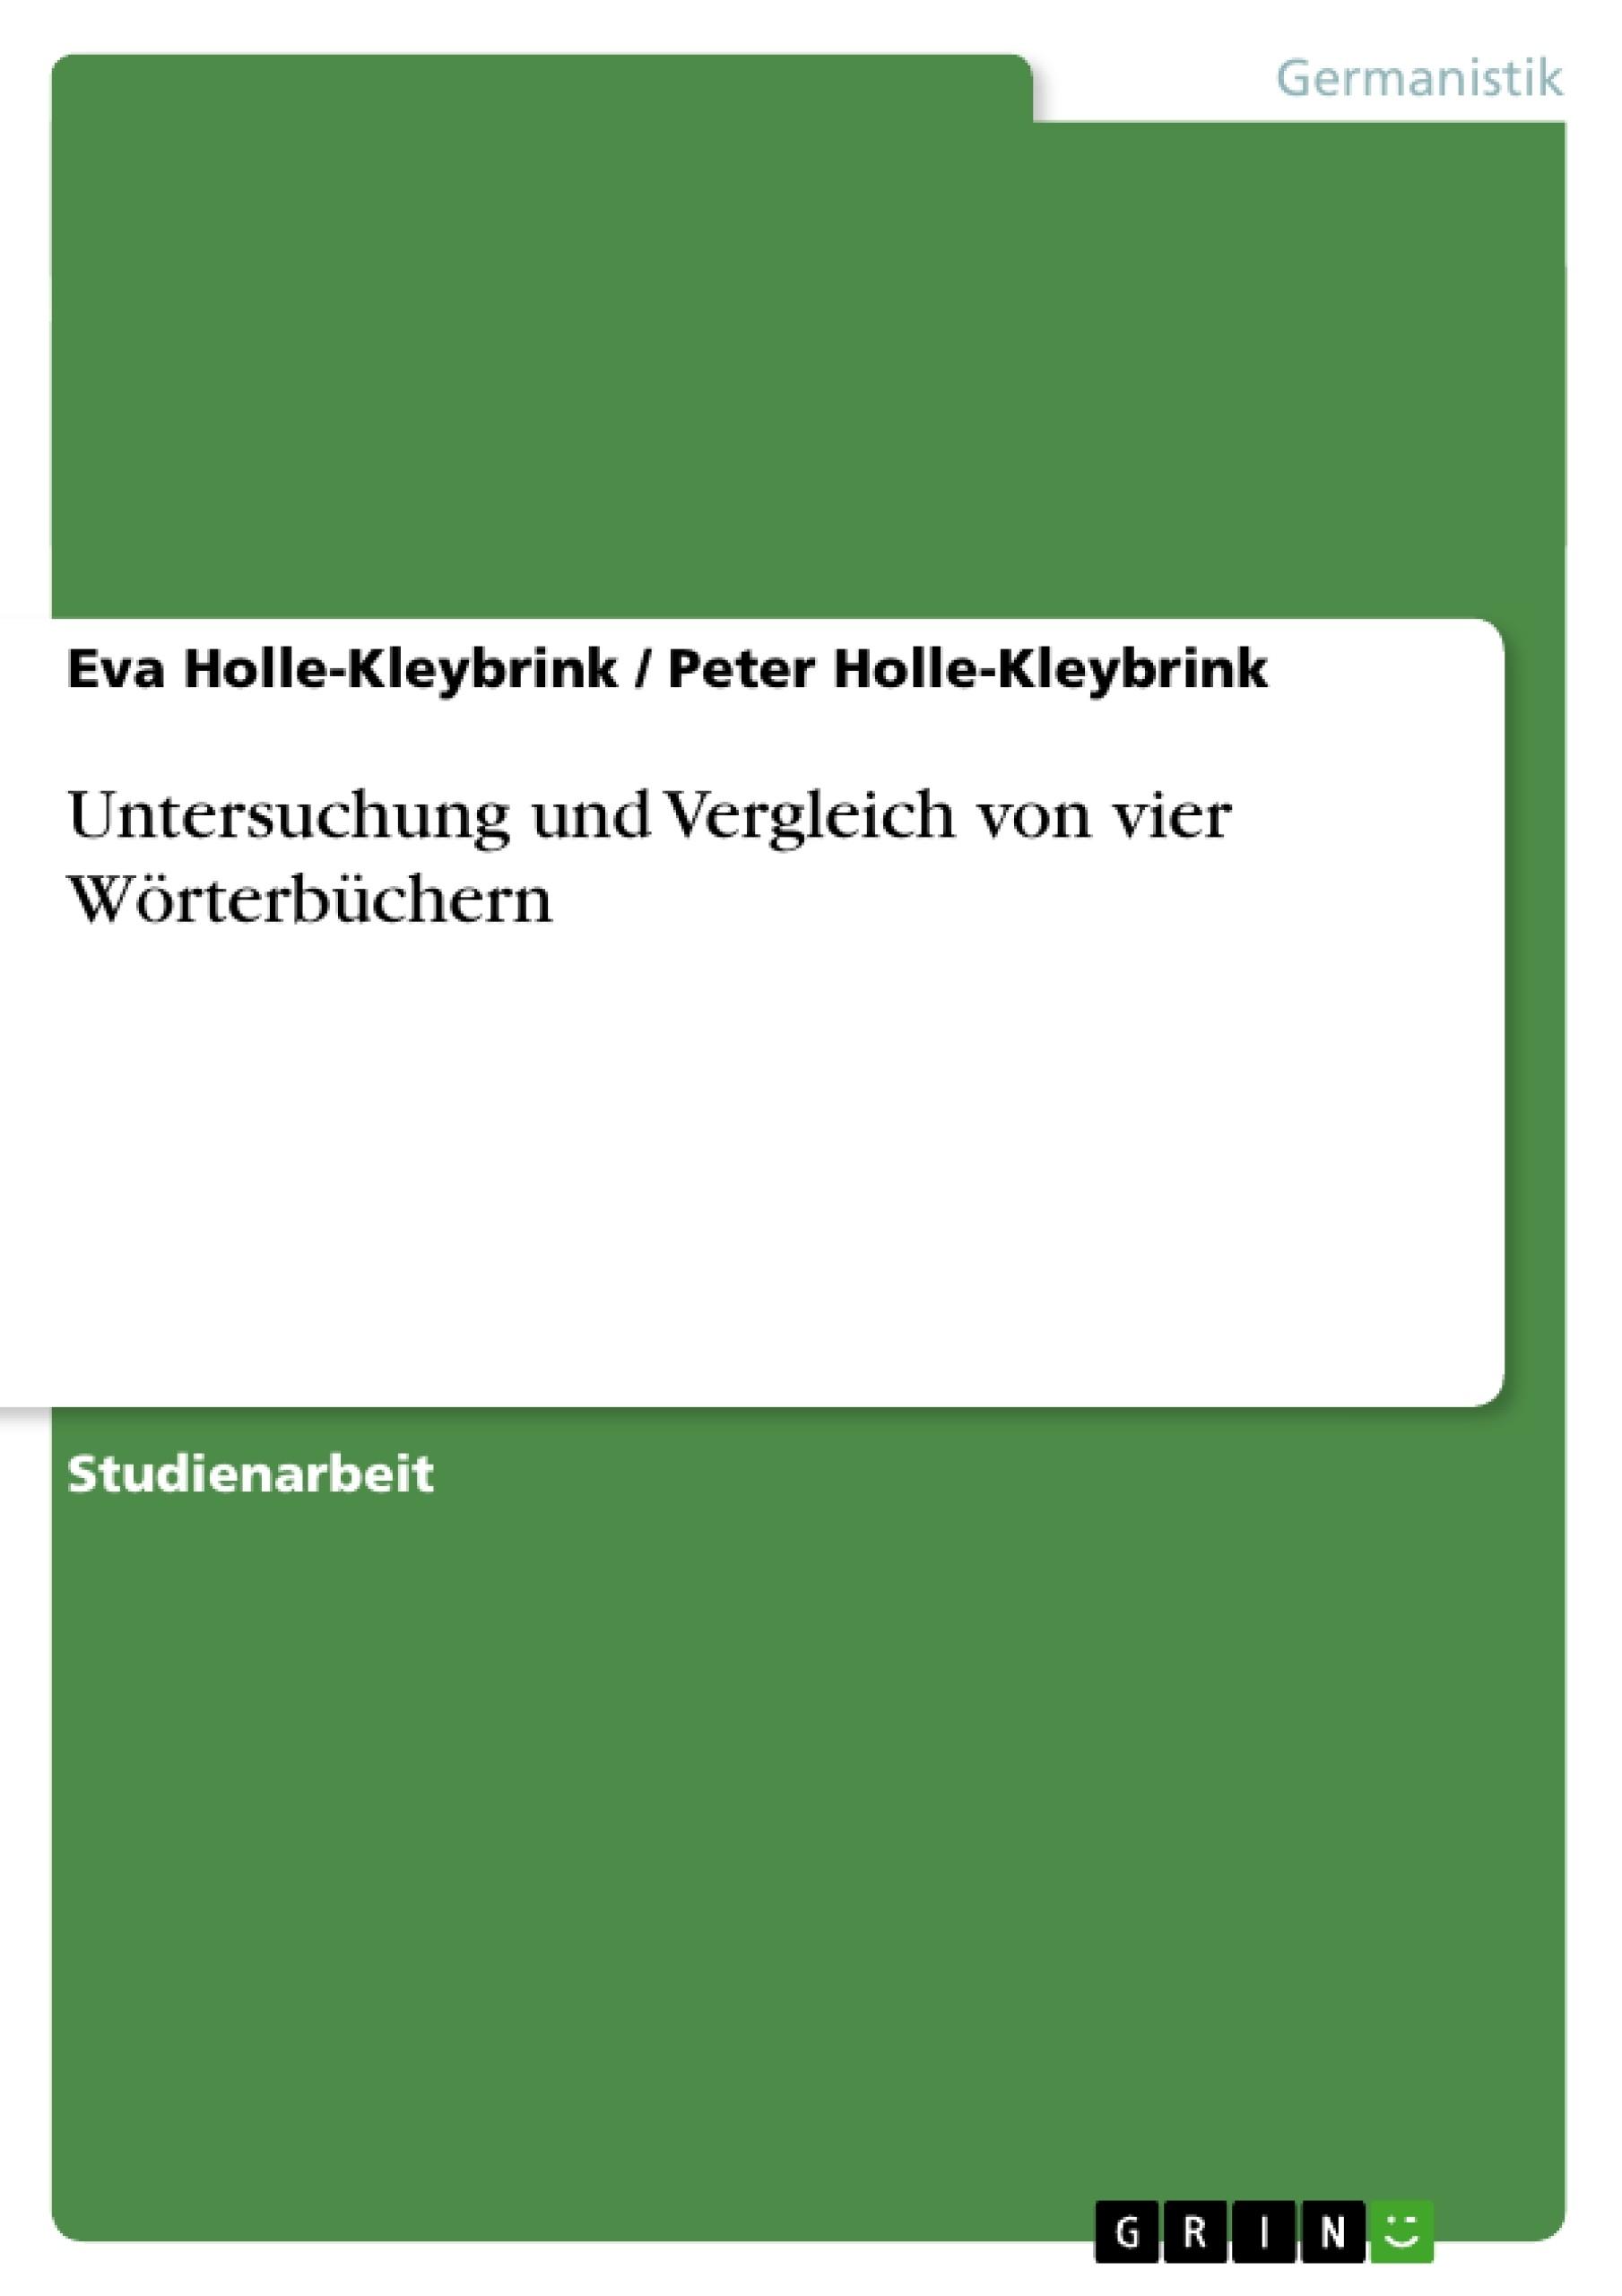 Untersuchung und Vergleich von vier Wörterbüchern | Masterarbeit ...